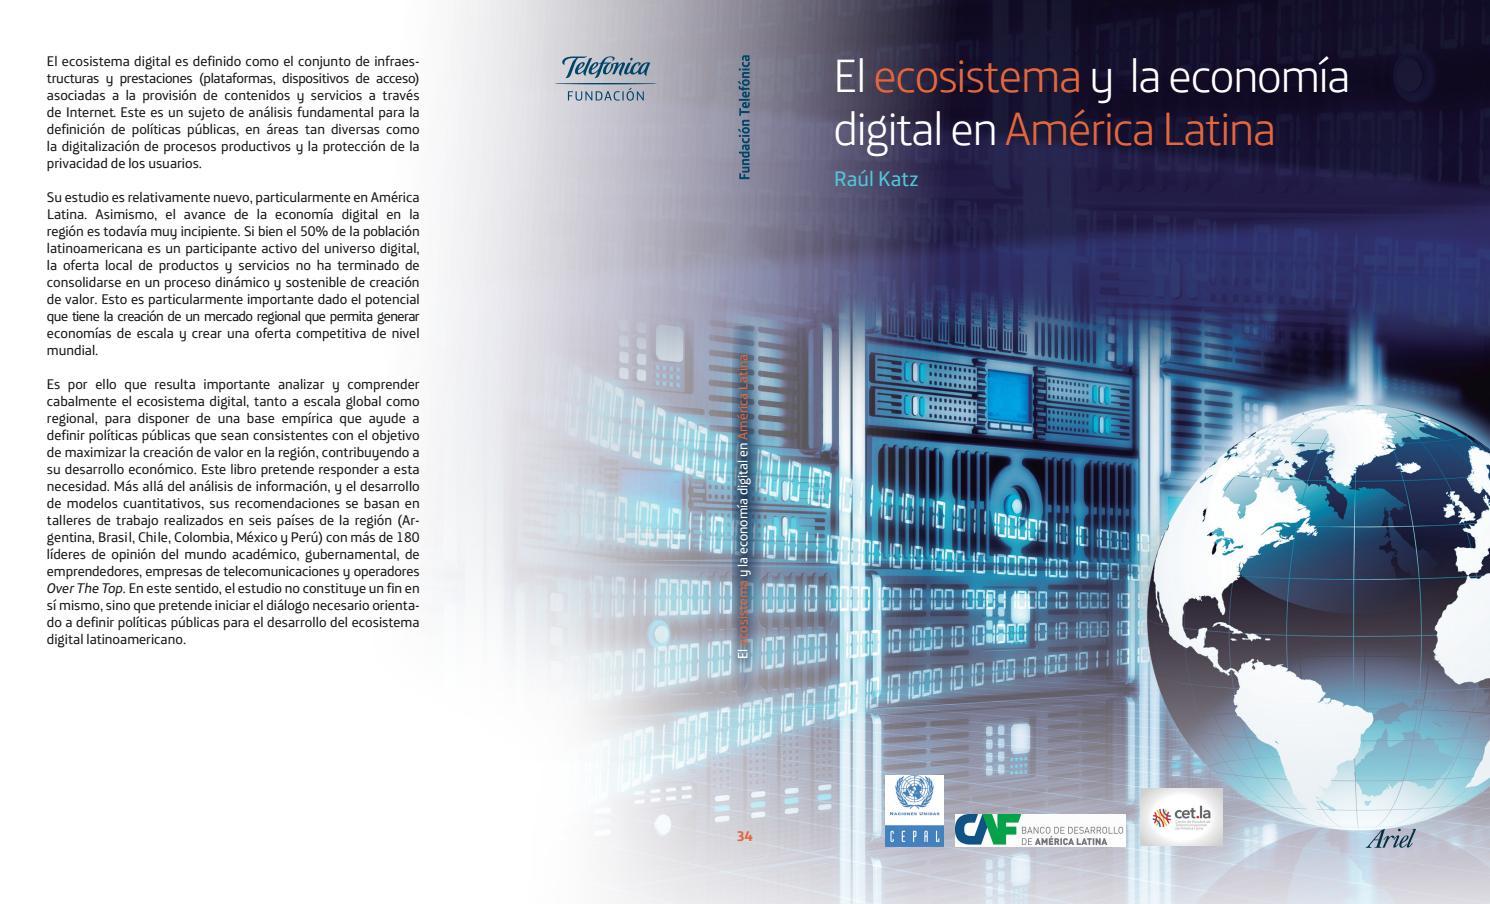 El ecosistema y la economía digital en américa latina by ASIET ...